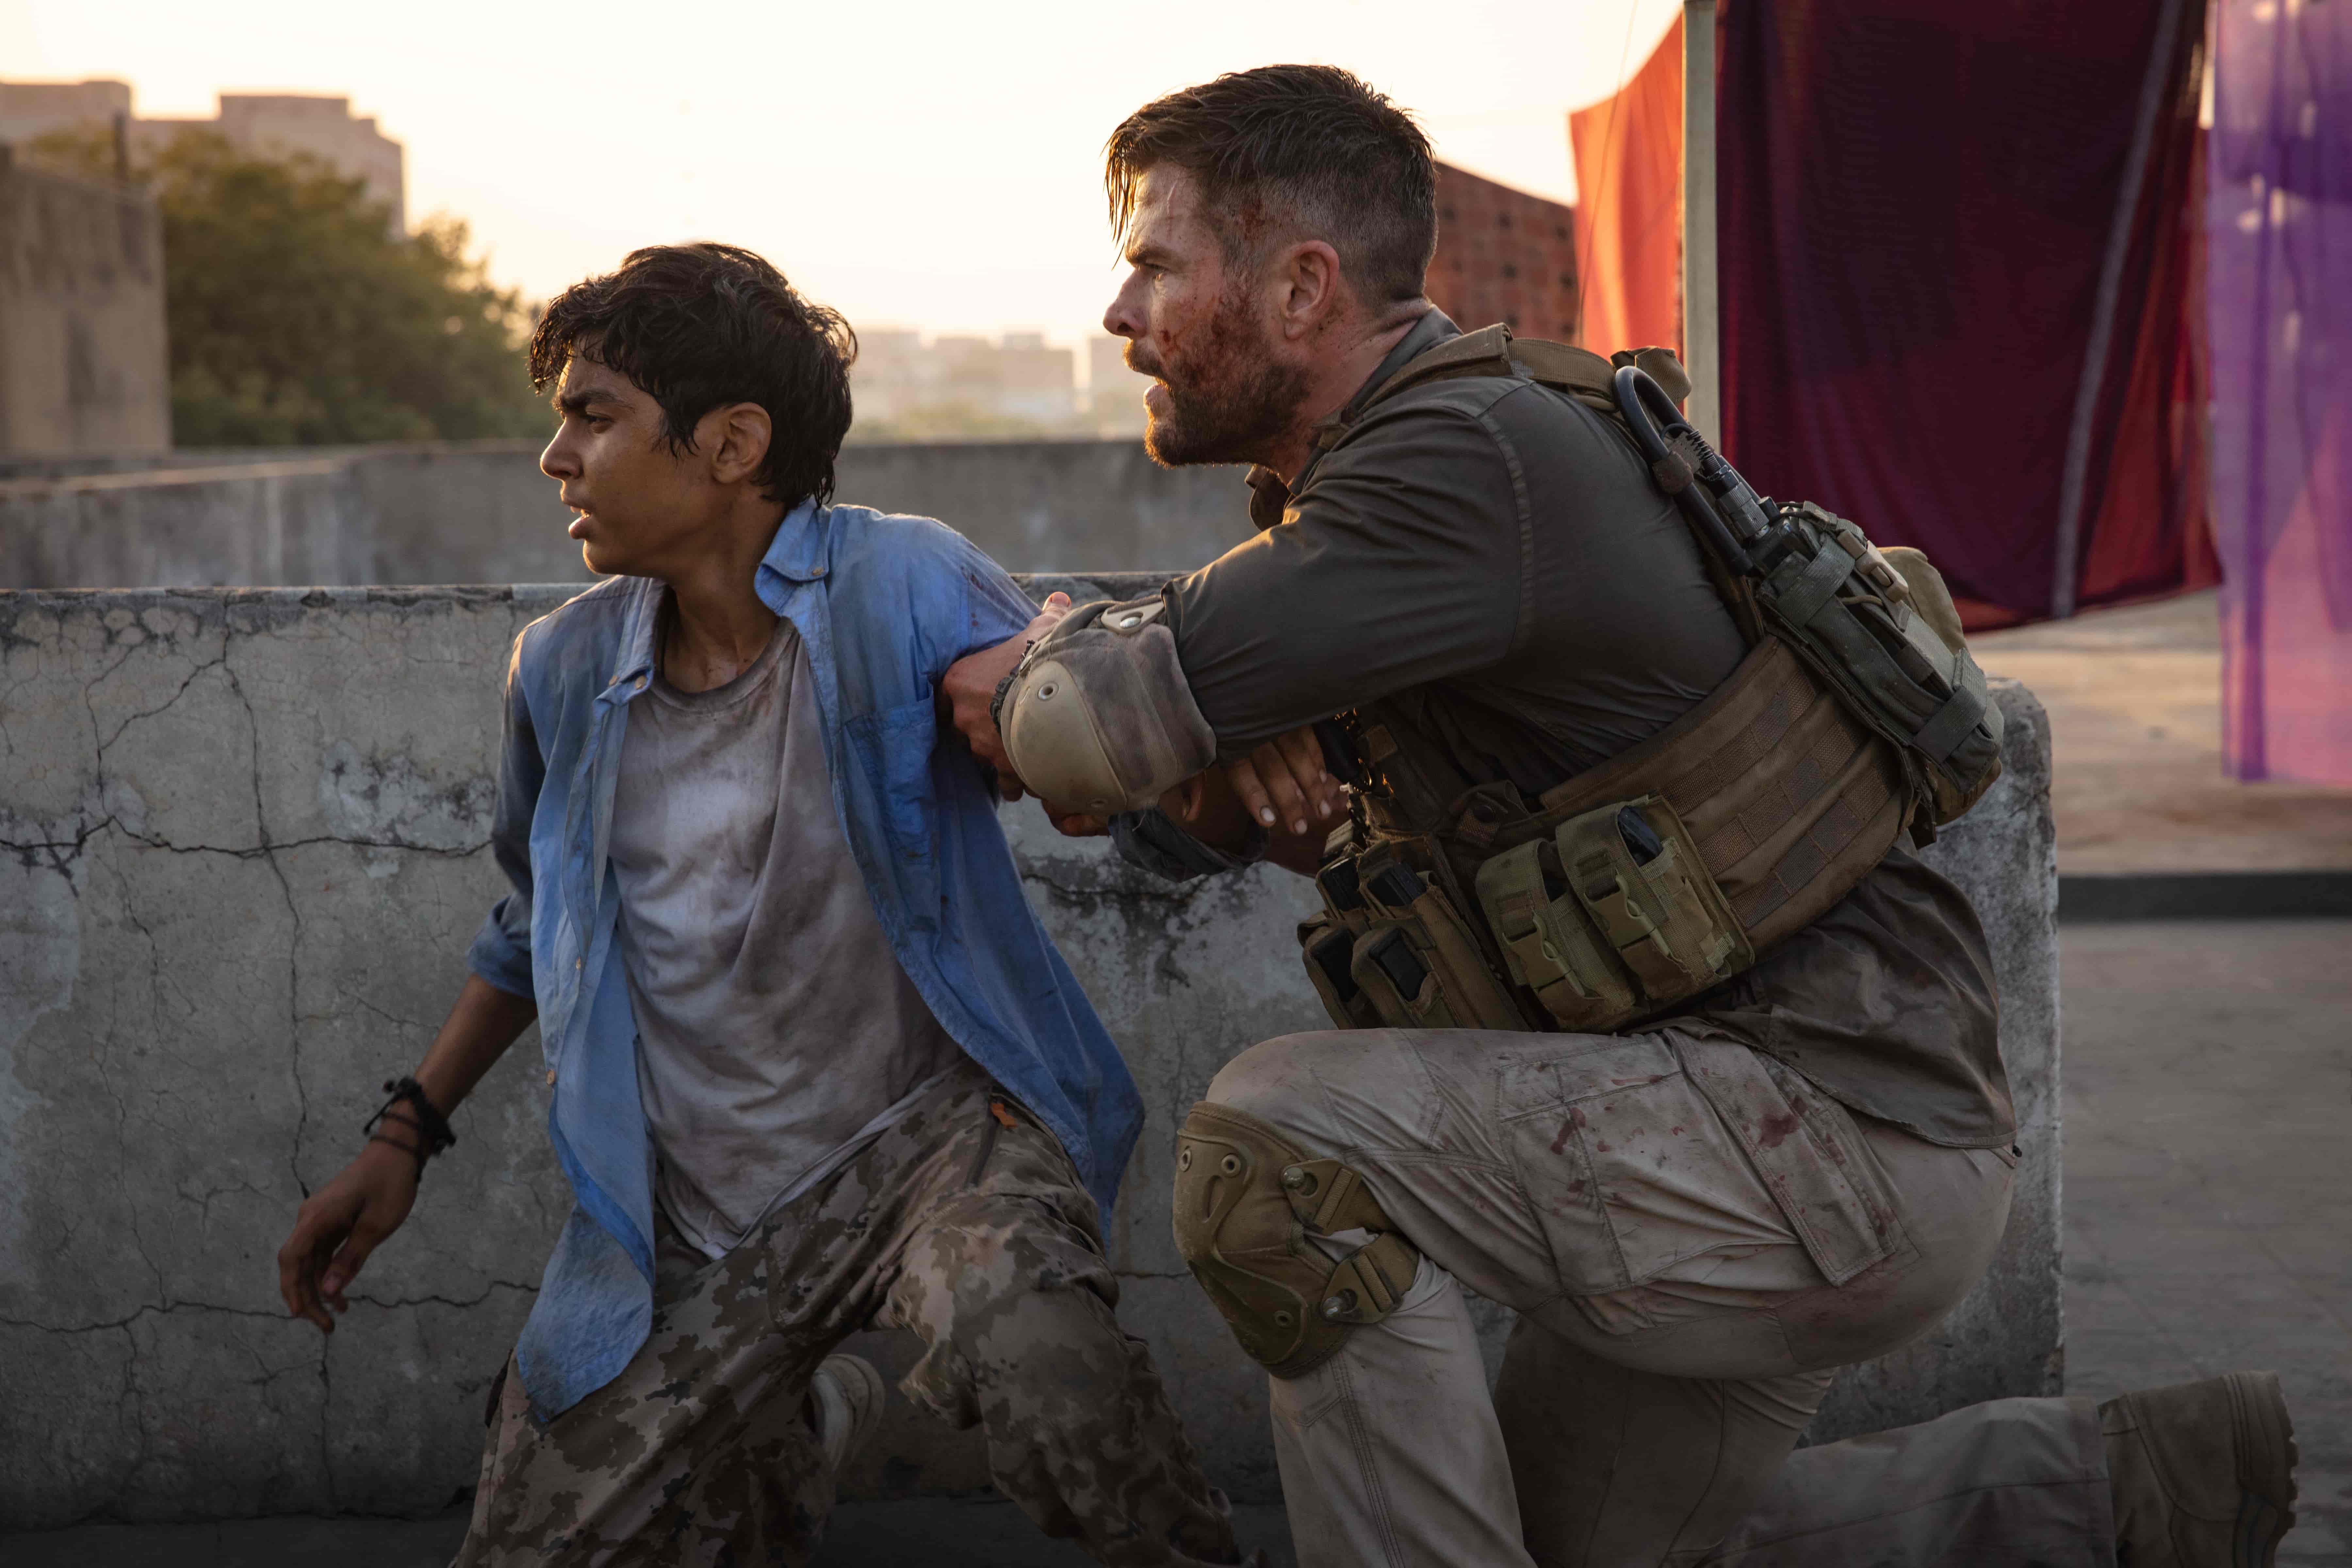 克里斯漢斯沃在《驚天營救》中為救出遭綁架的男孩,意外陷入富可敵國的兩大毒梟惡鬥之中,慘遭大規模封城圍捕